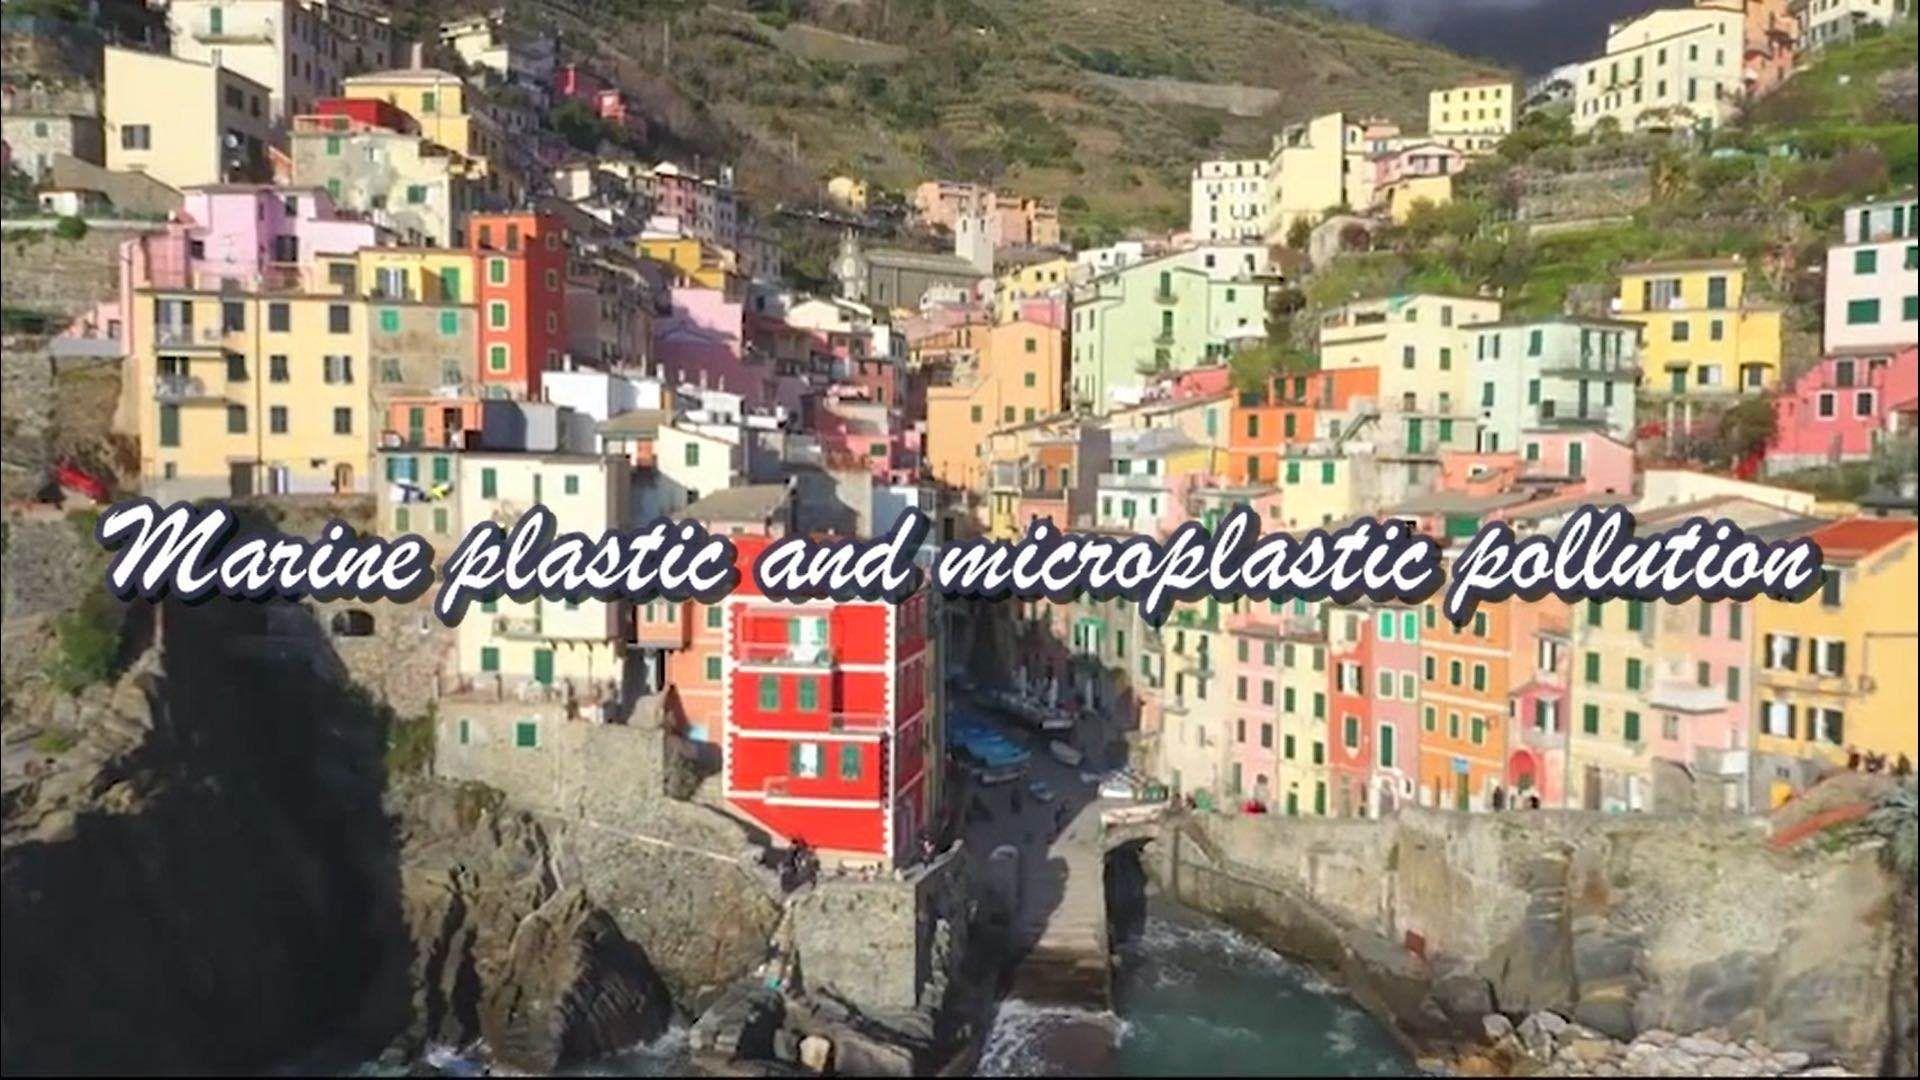 海洋塑料与微塑料污染